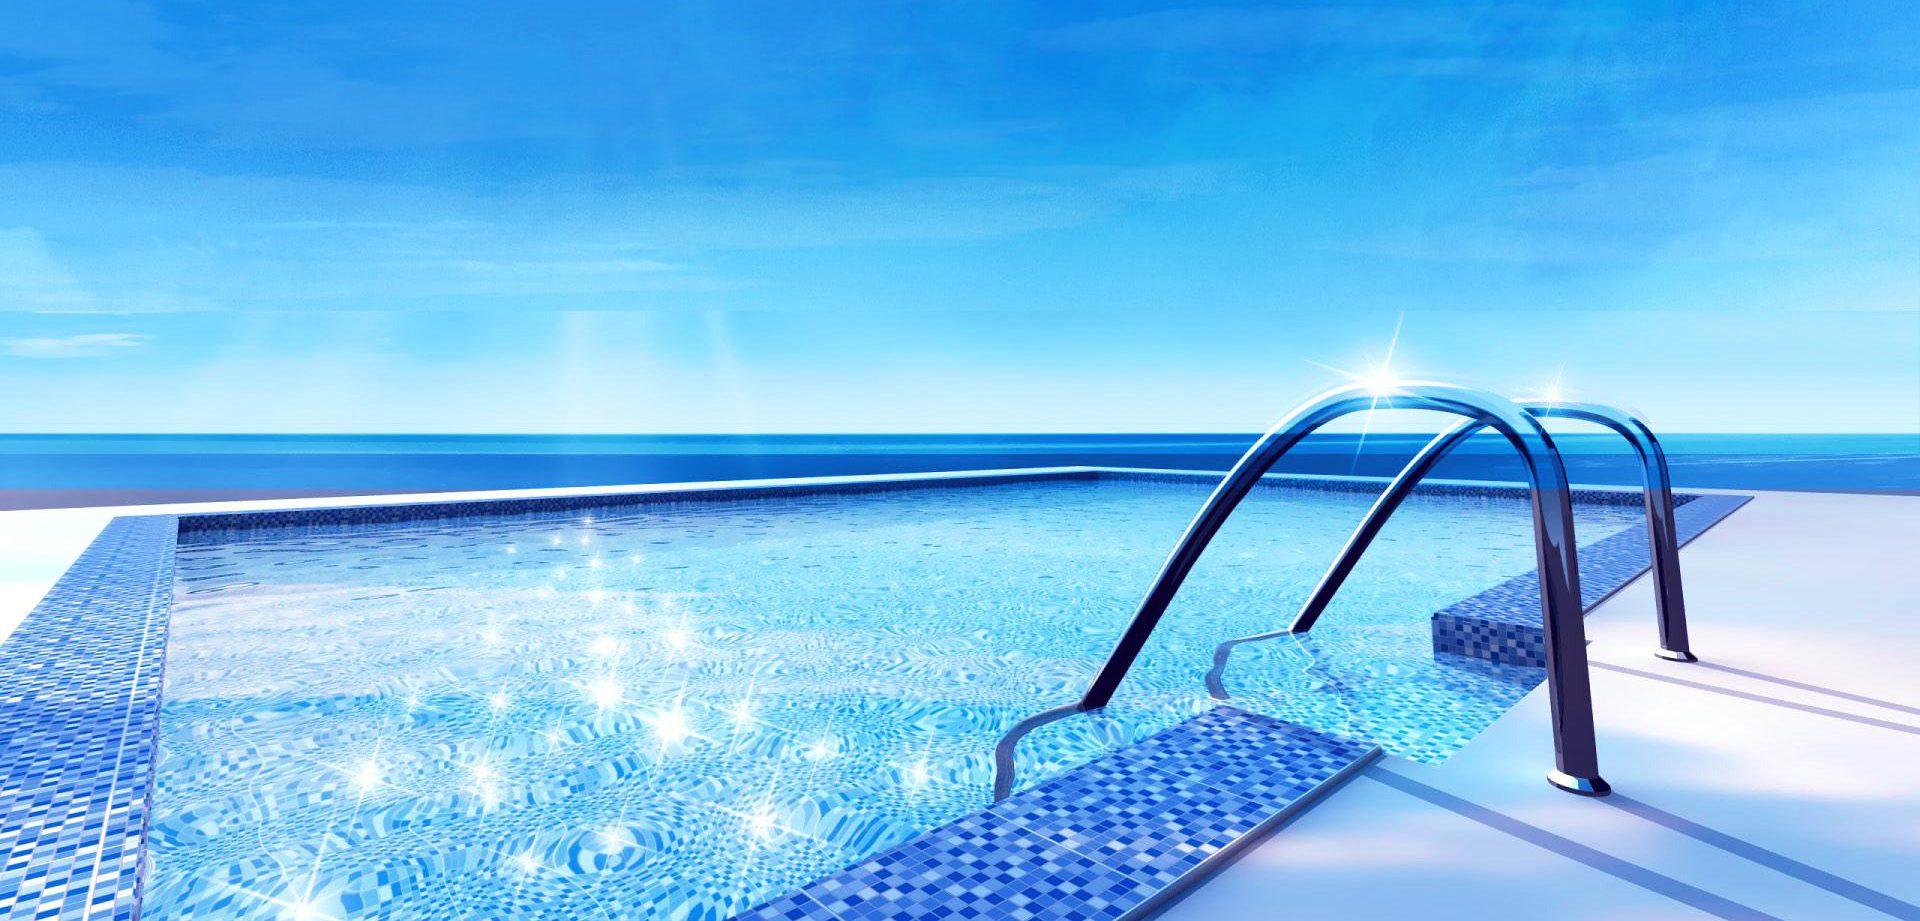 Pool Cleaner Costa Calida